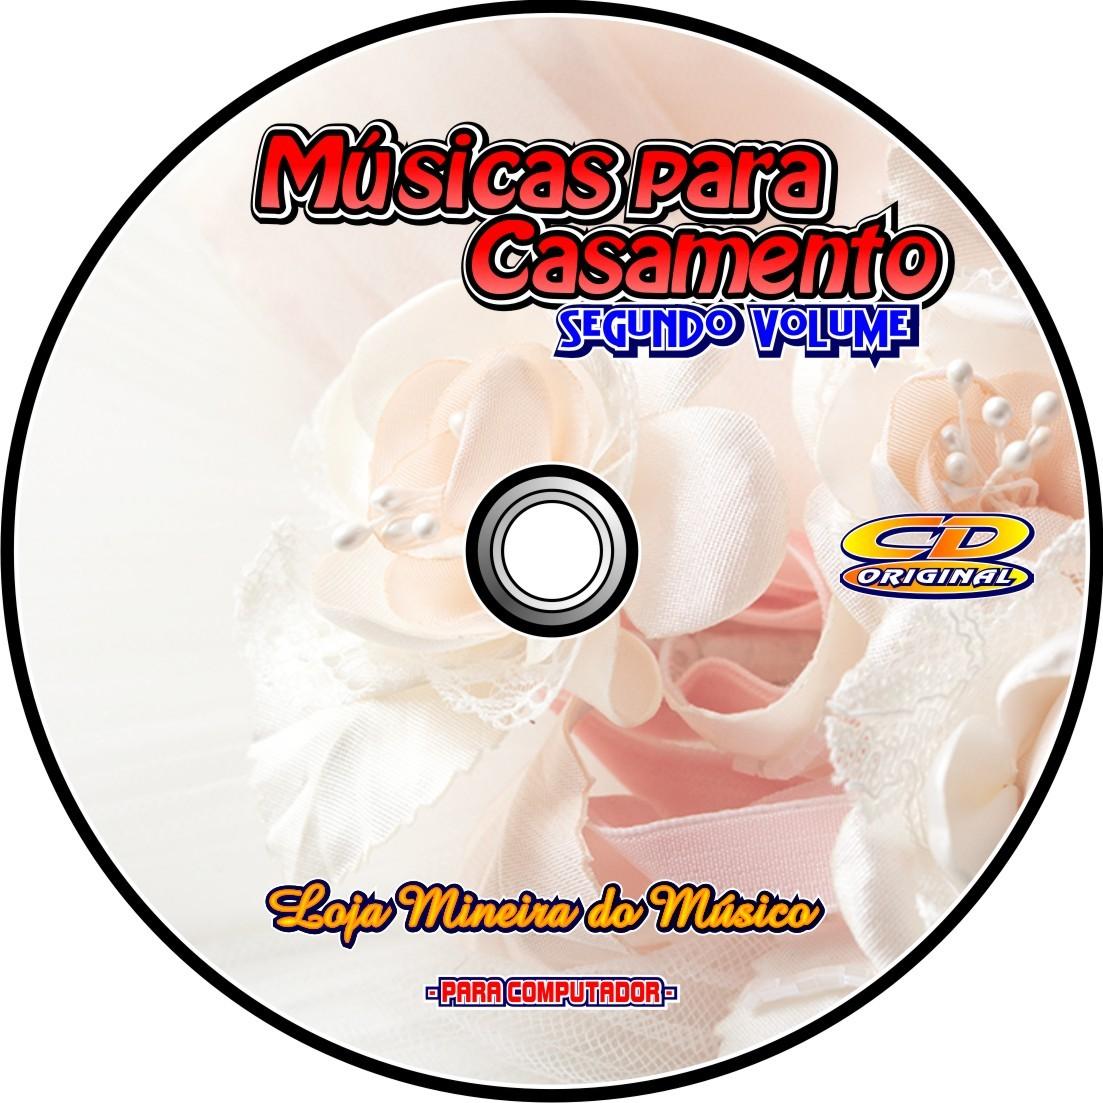 Partituras atuais para Casamento com Playbacks Volume 2